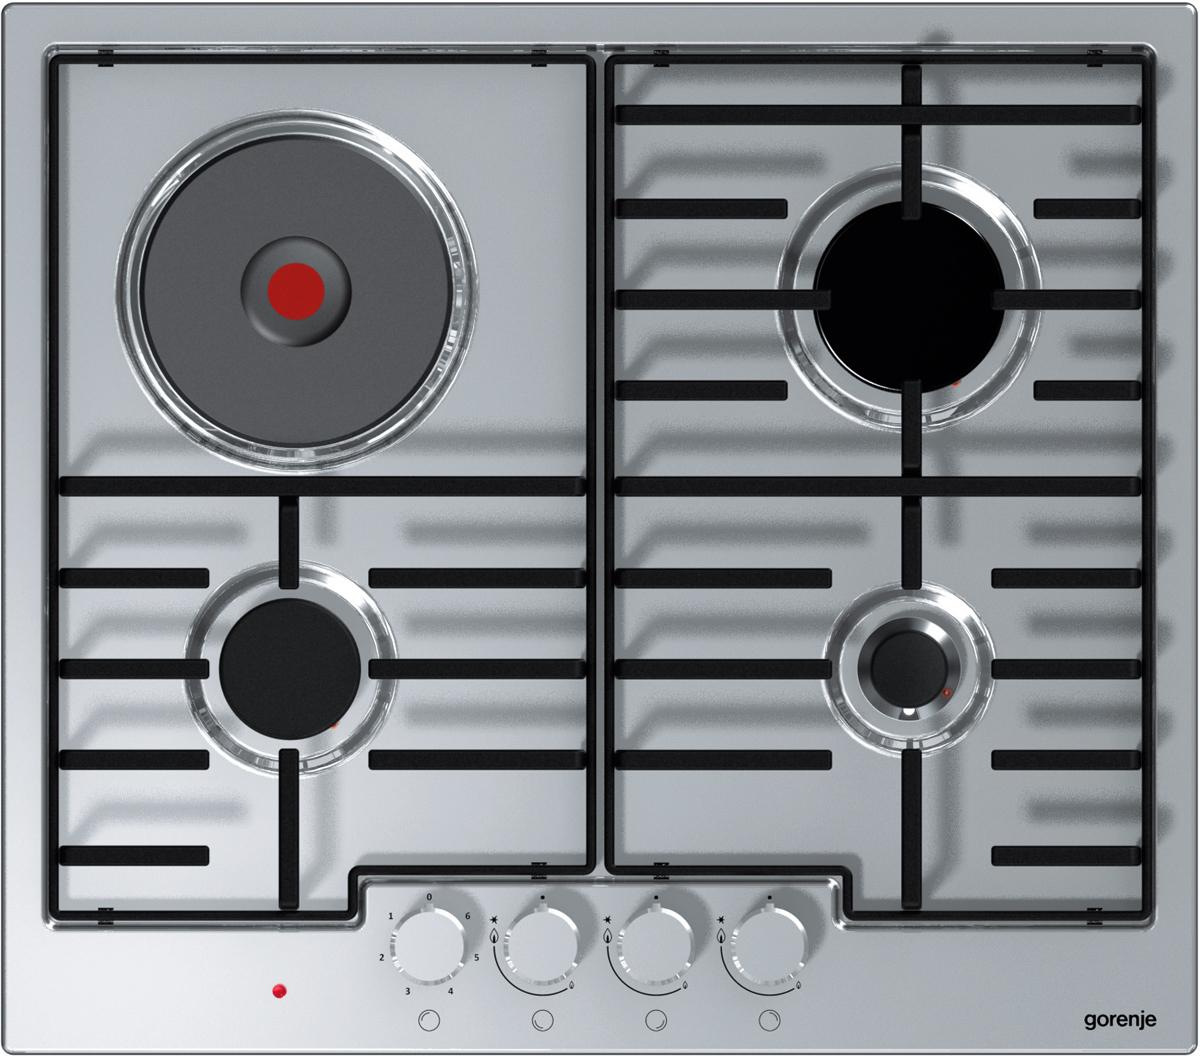 лучшая цена Варочная панель Gorenje, комбинированная, встраиваемая, K6N30IX